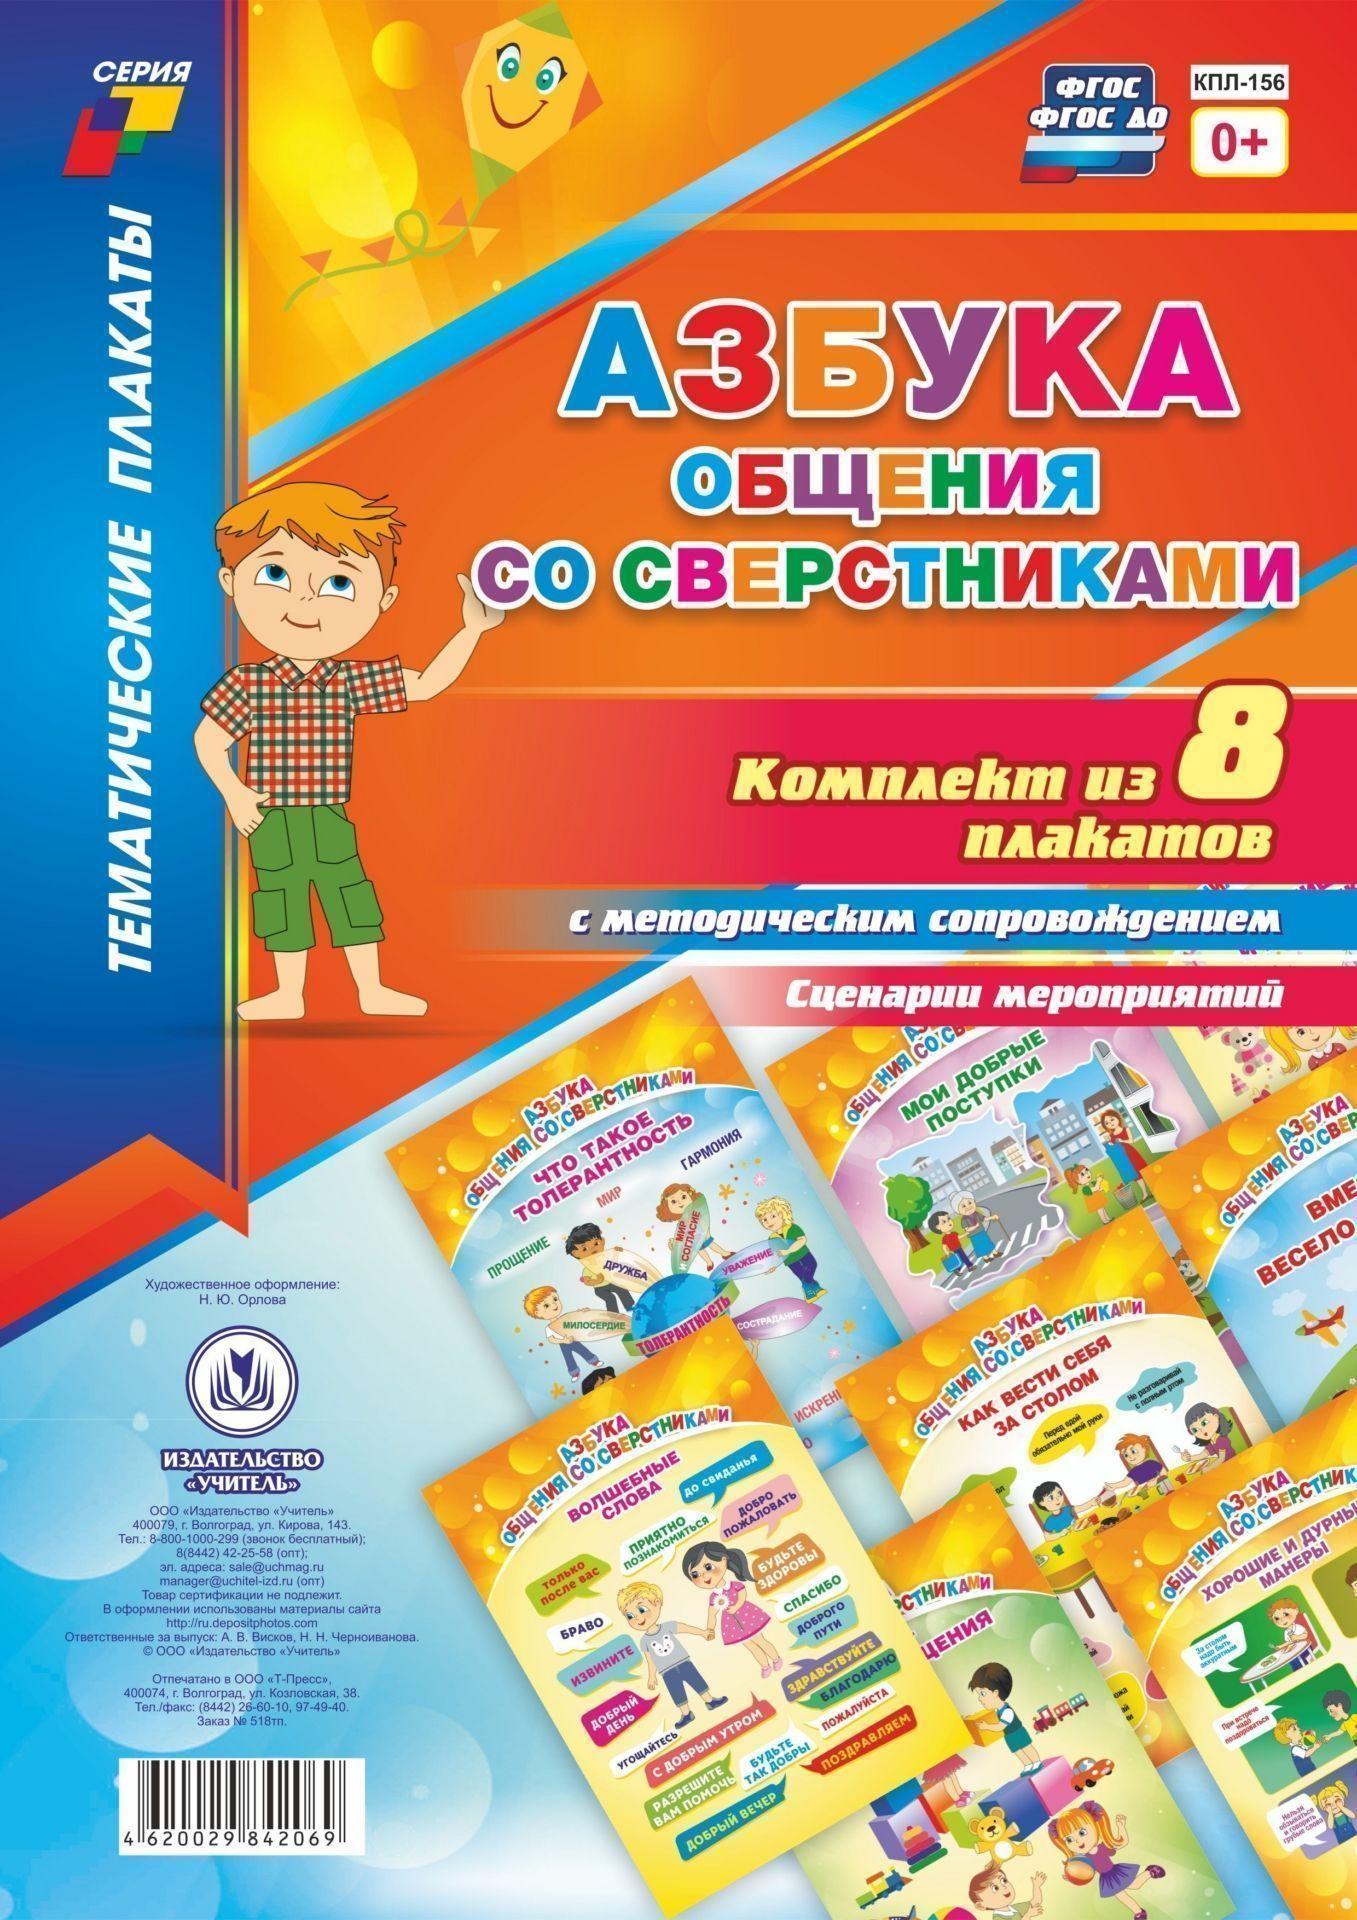 """Комплект плакатов """"Азбука общения со сверстниками"""": 8 плакатов  с методическим сопровождением"""